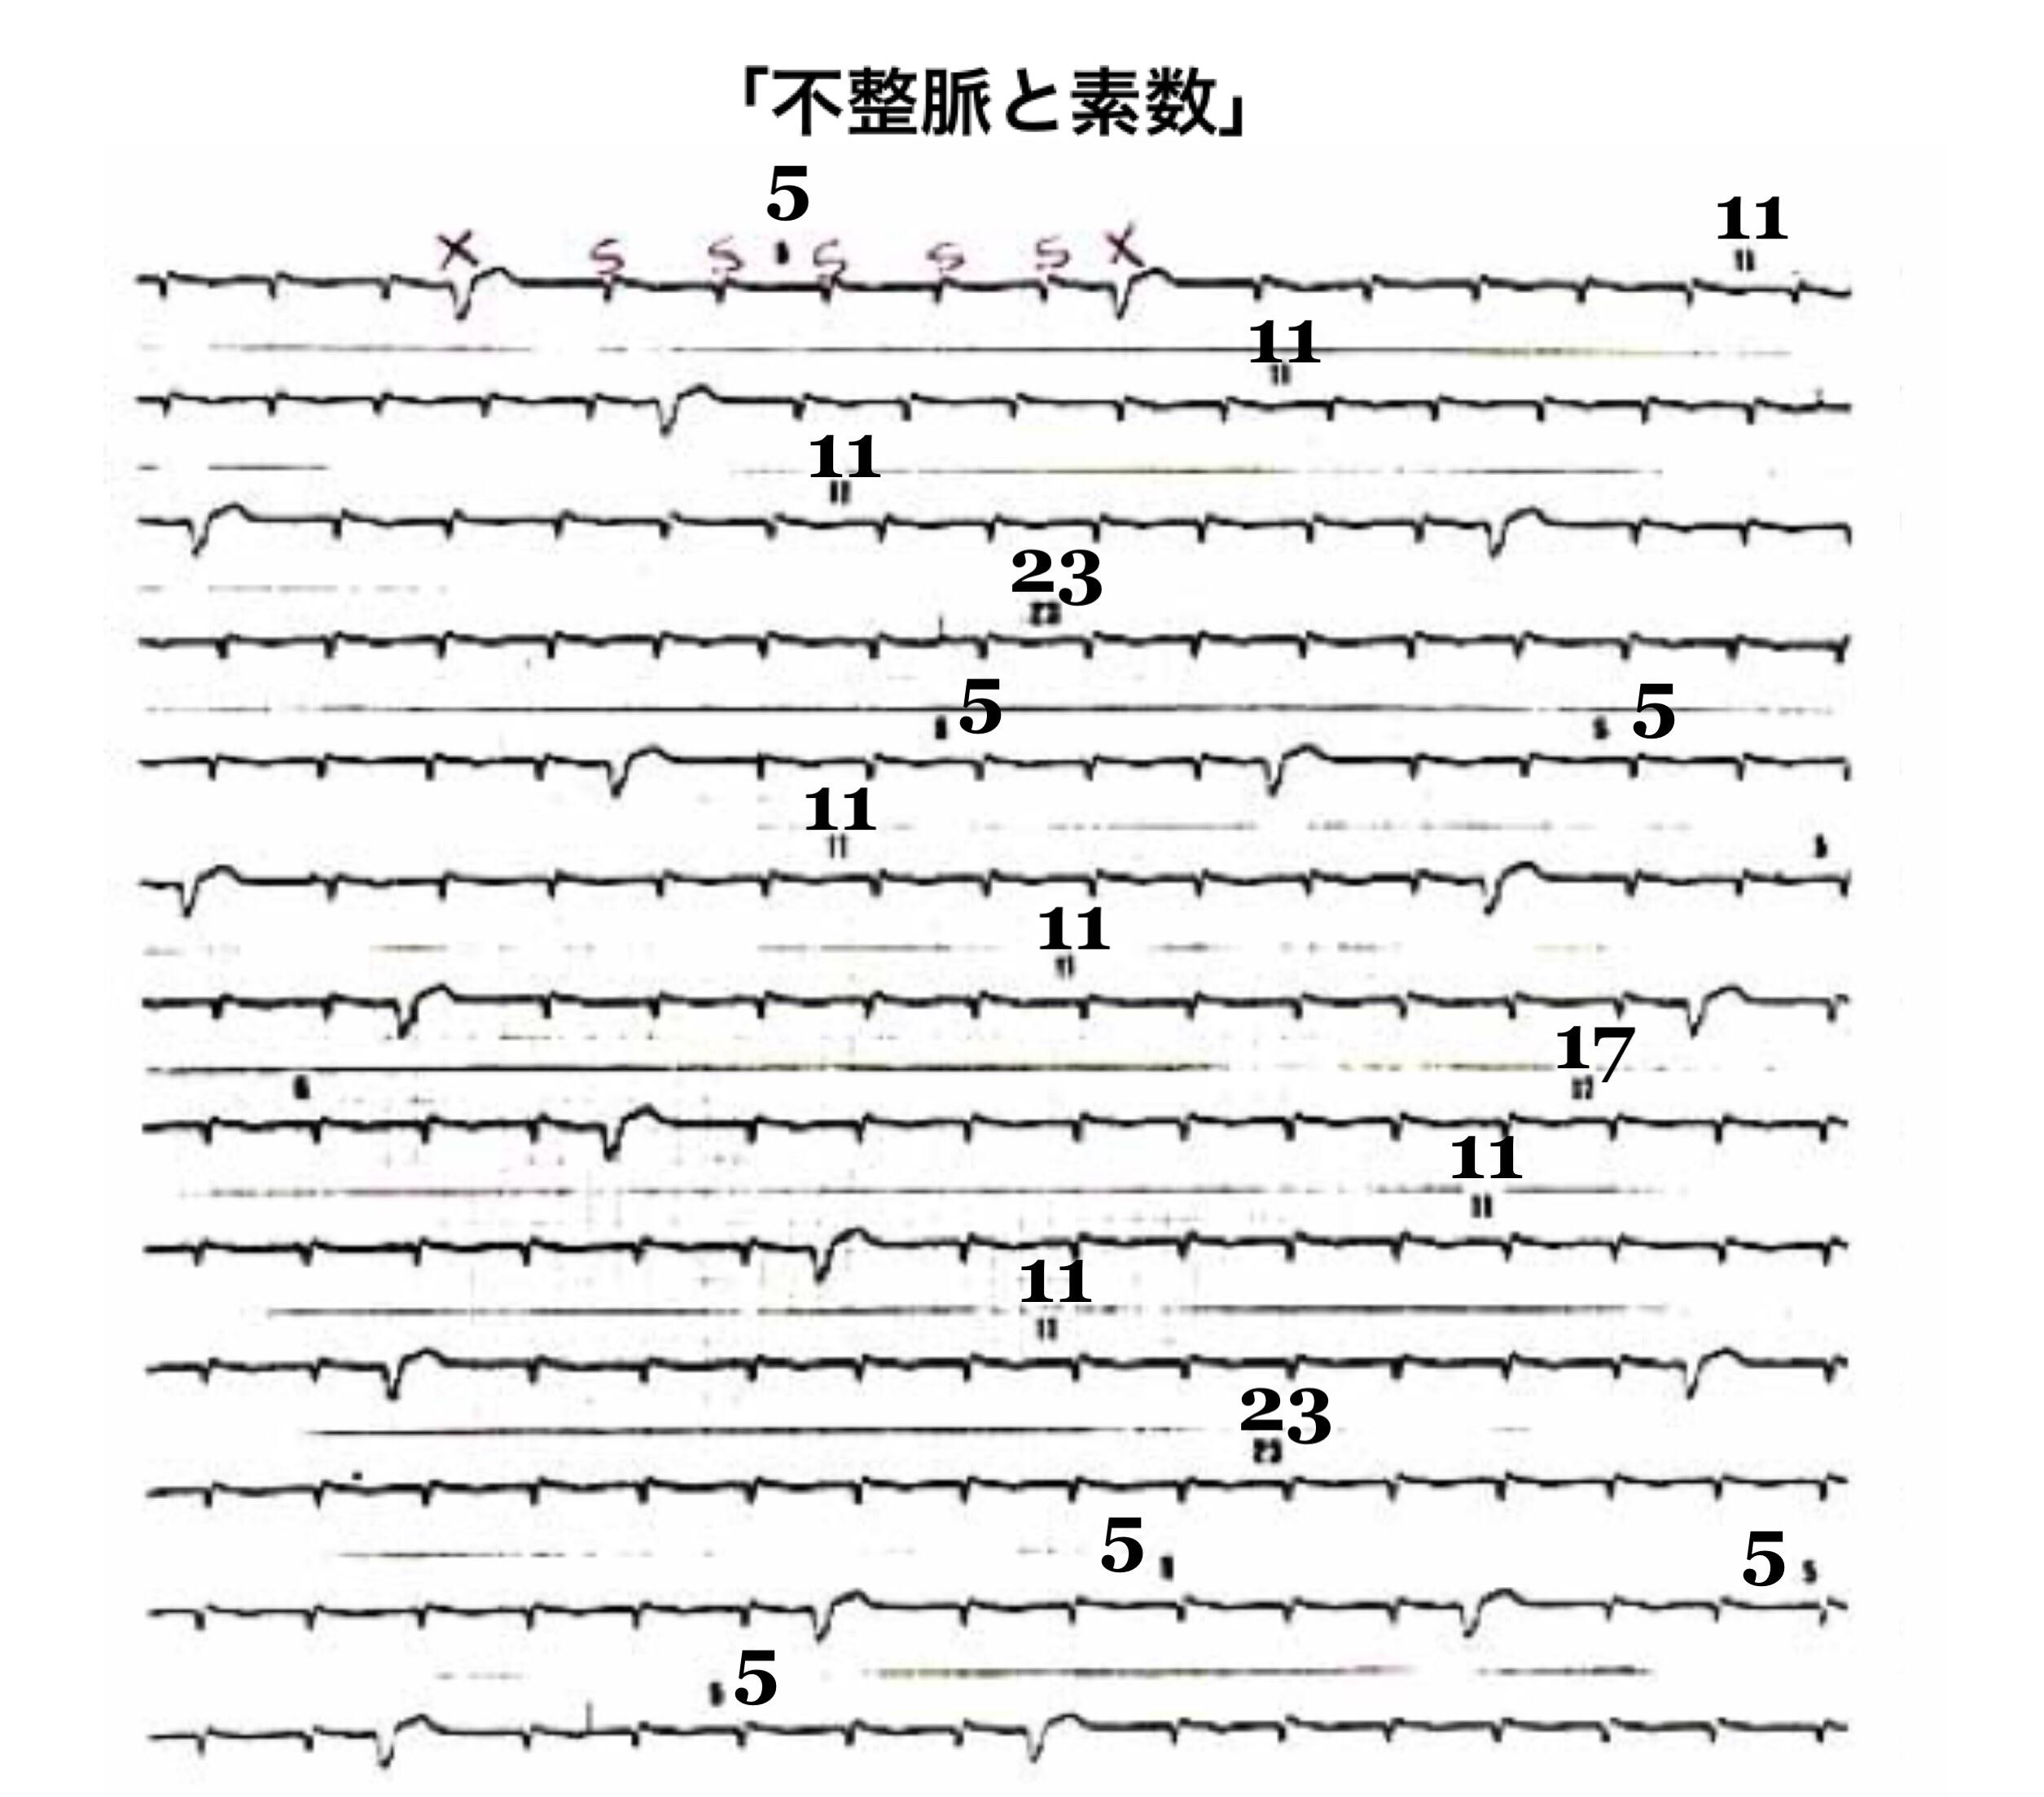 図_不整脈心電図